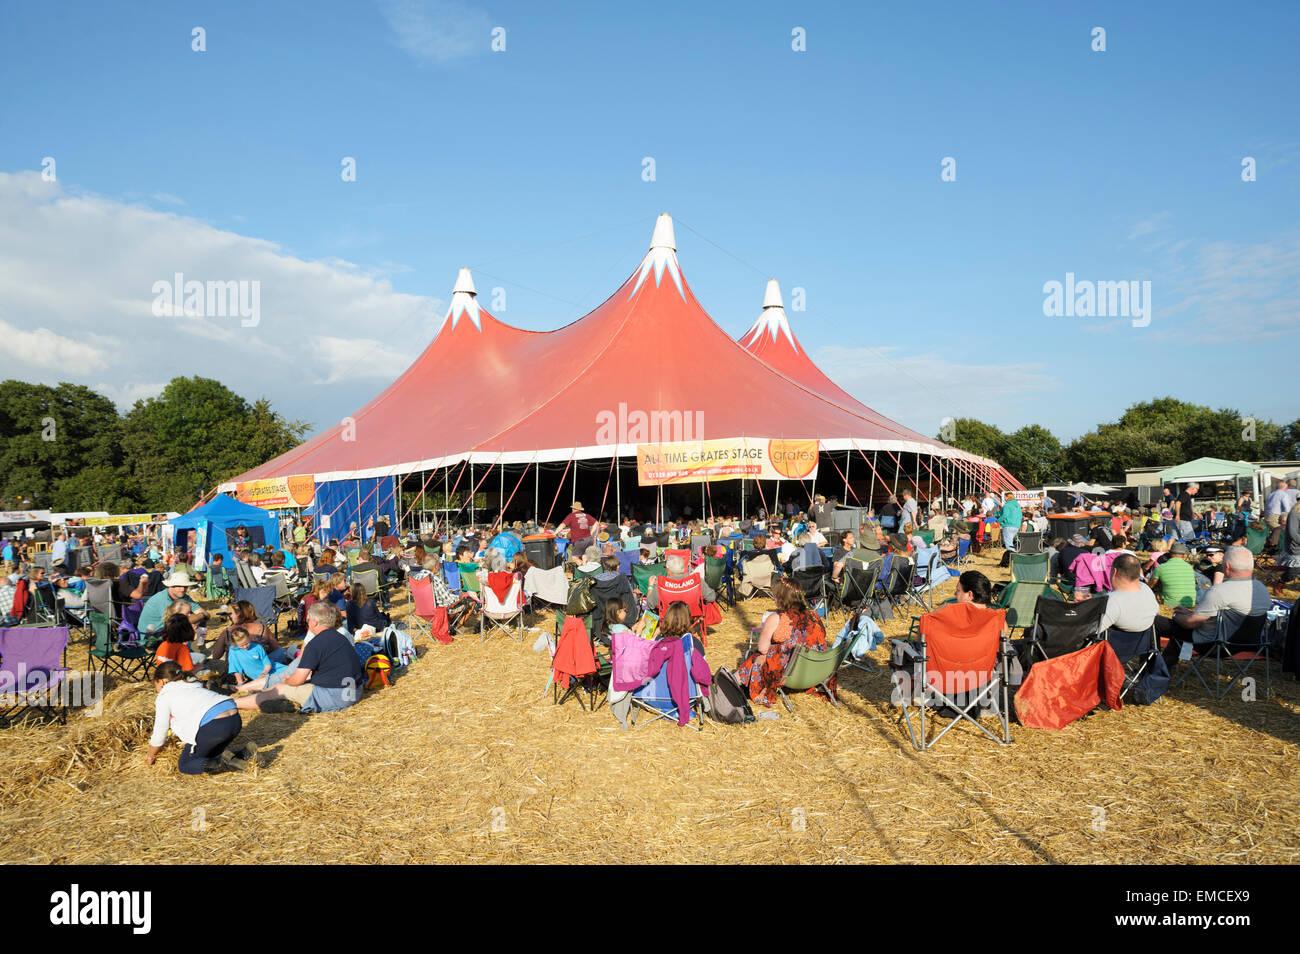 Personas sentadas disfrutando del sol vespertino delante del escenario principal en el Festival de Música de Imagen De Stock